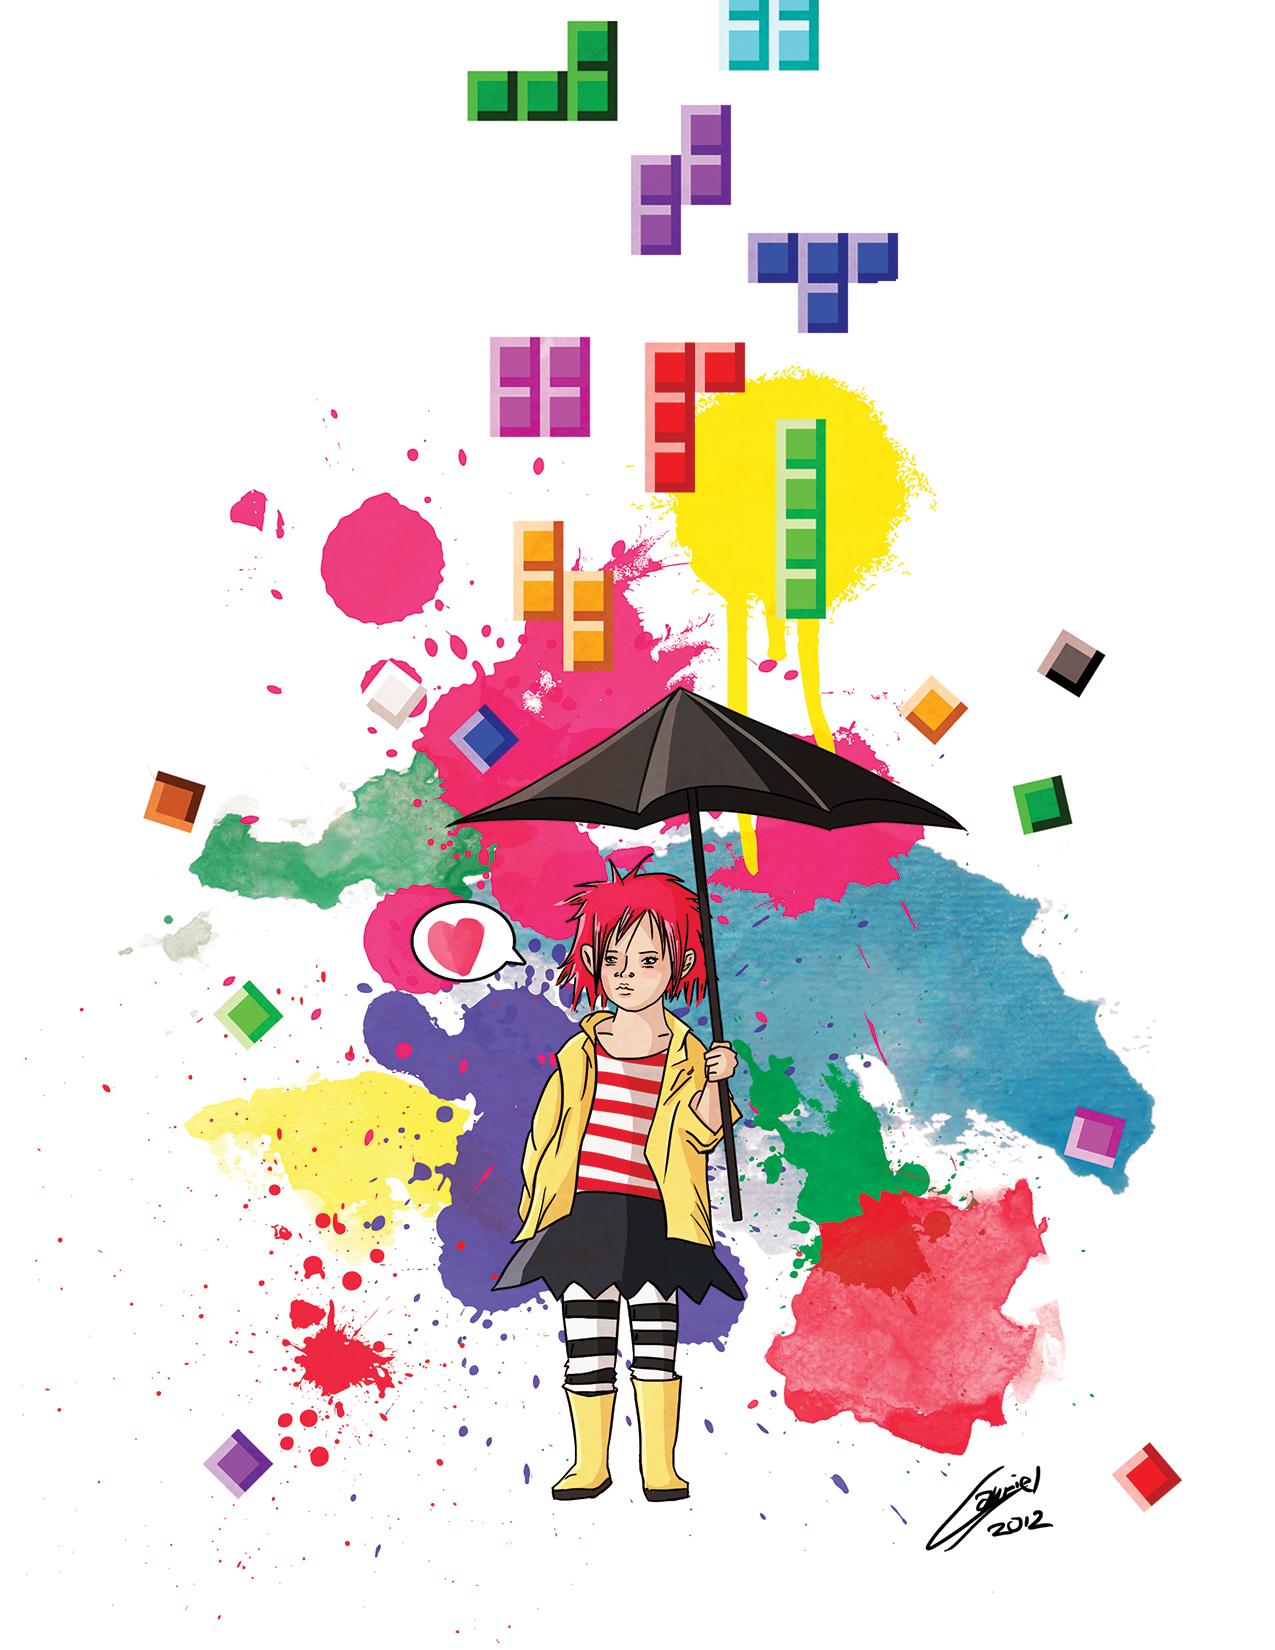 Tetris Girl